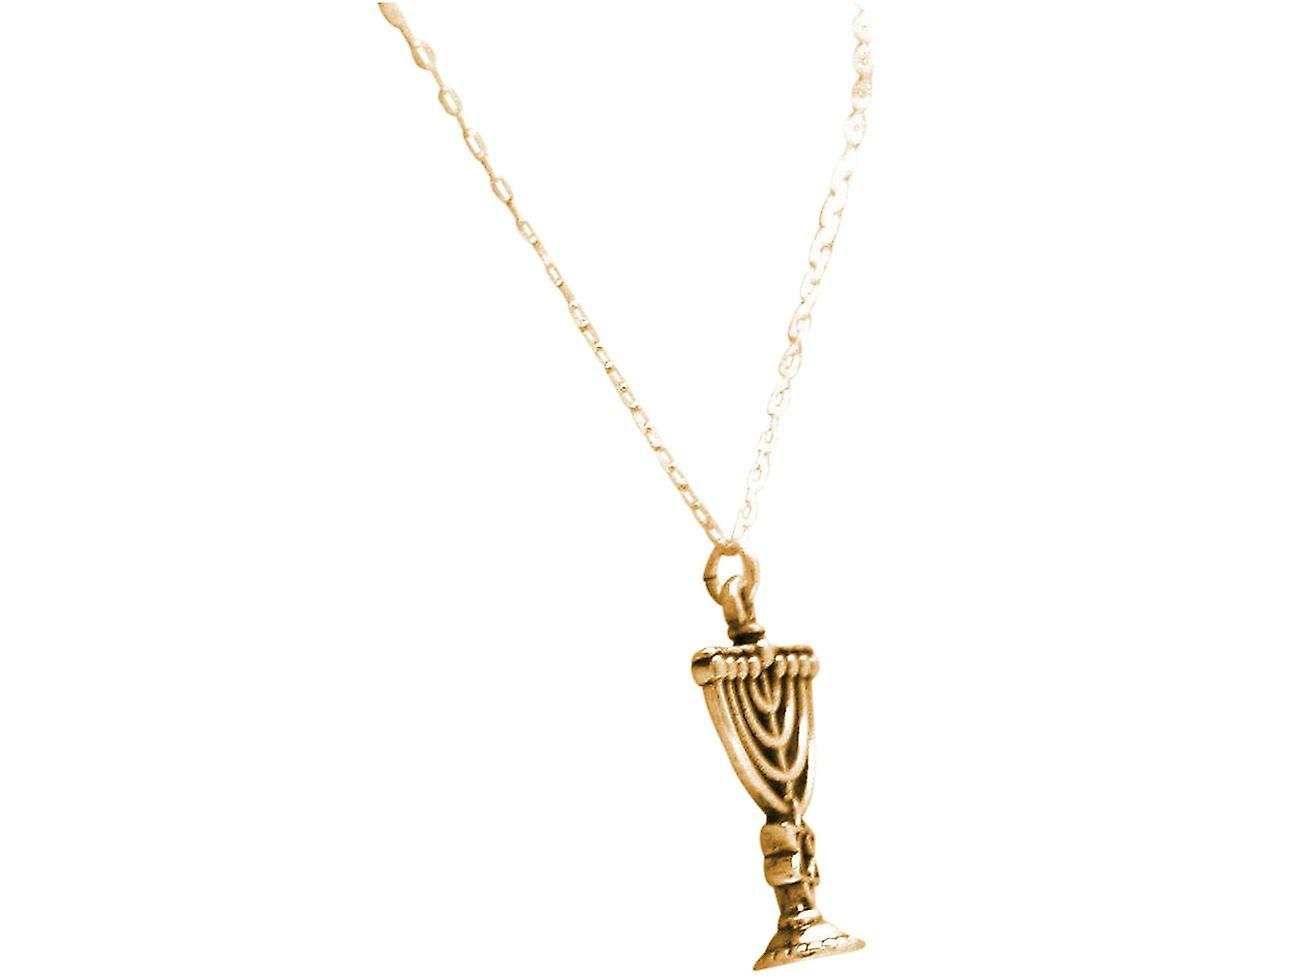 Gemshine Halskette Menorah Kerzenleuchter Chanukka 925 Silber, vergoldet, rose